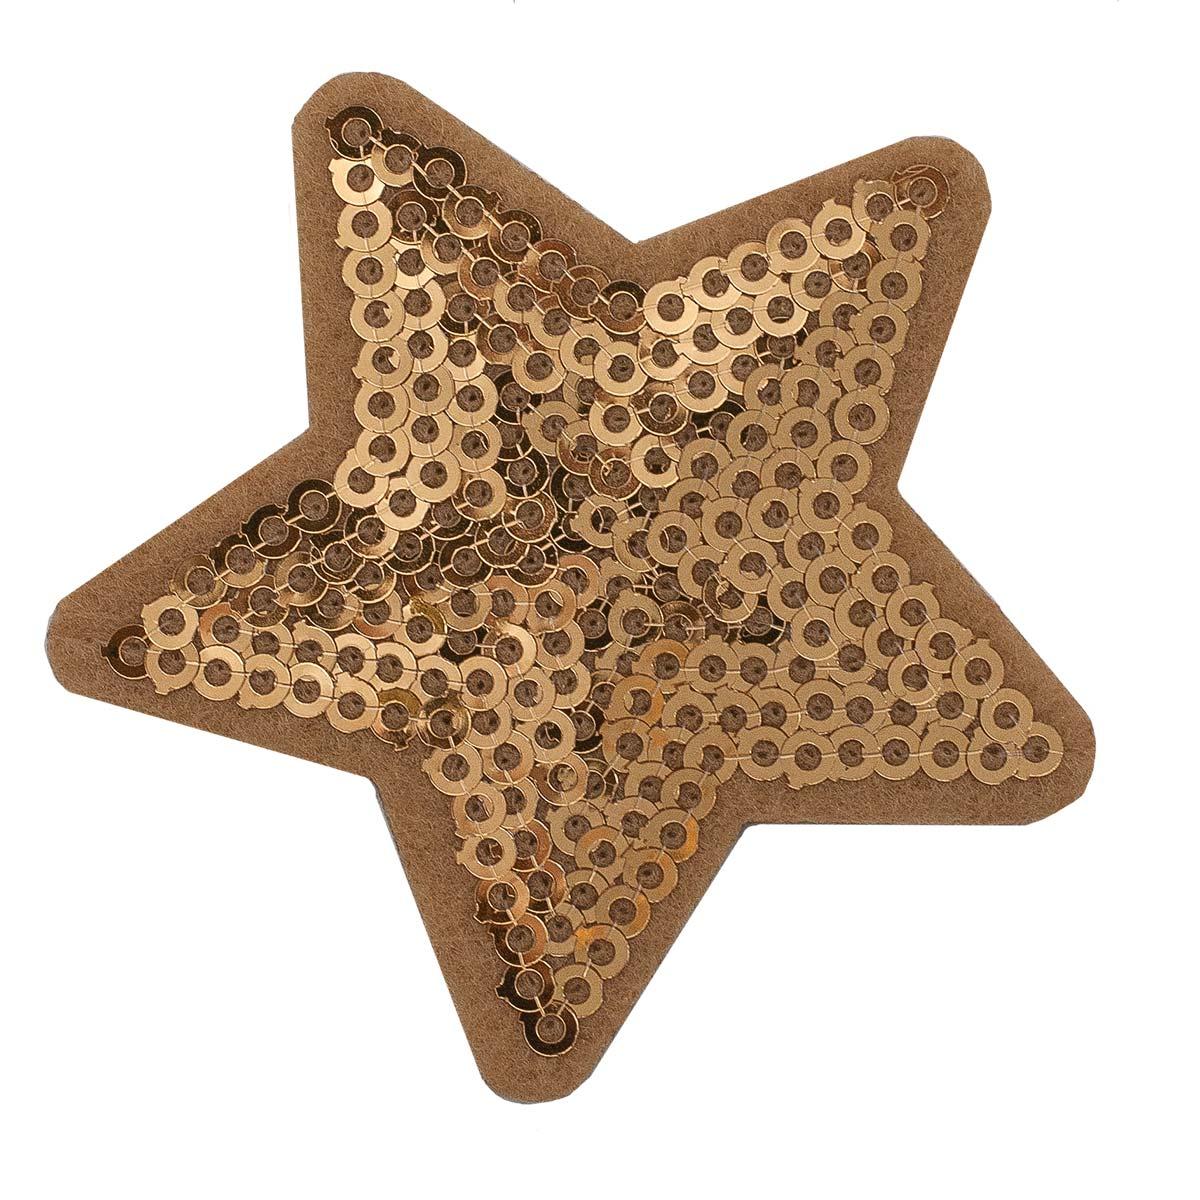 1881036 Термоаппликация звезда 5,2*5,2см золотой пайетки упак/10шт